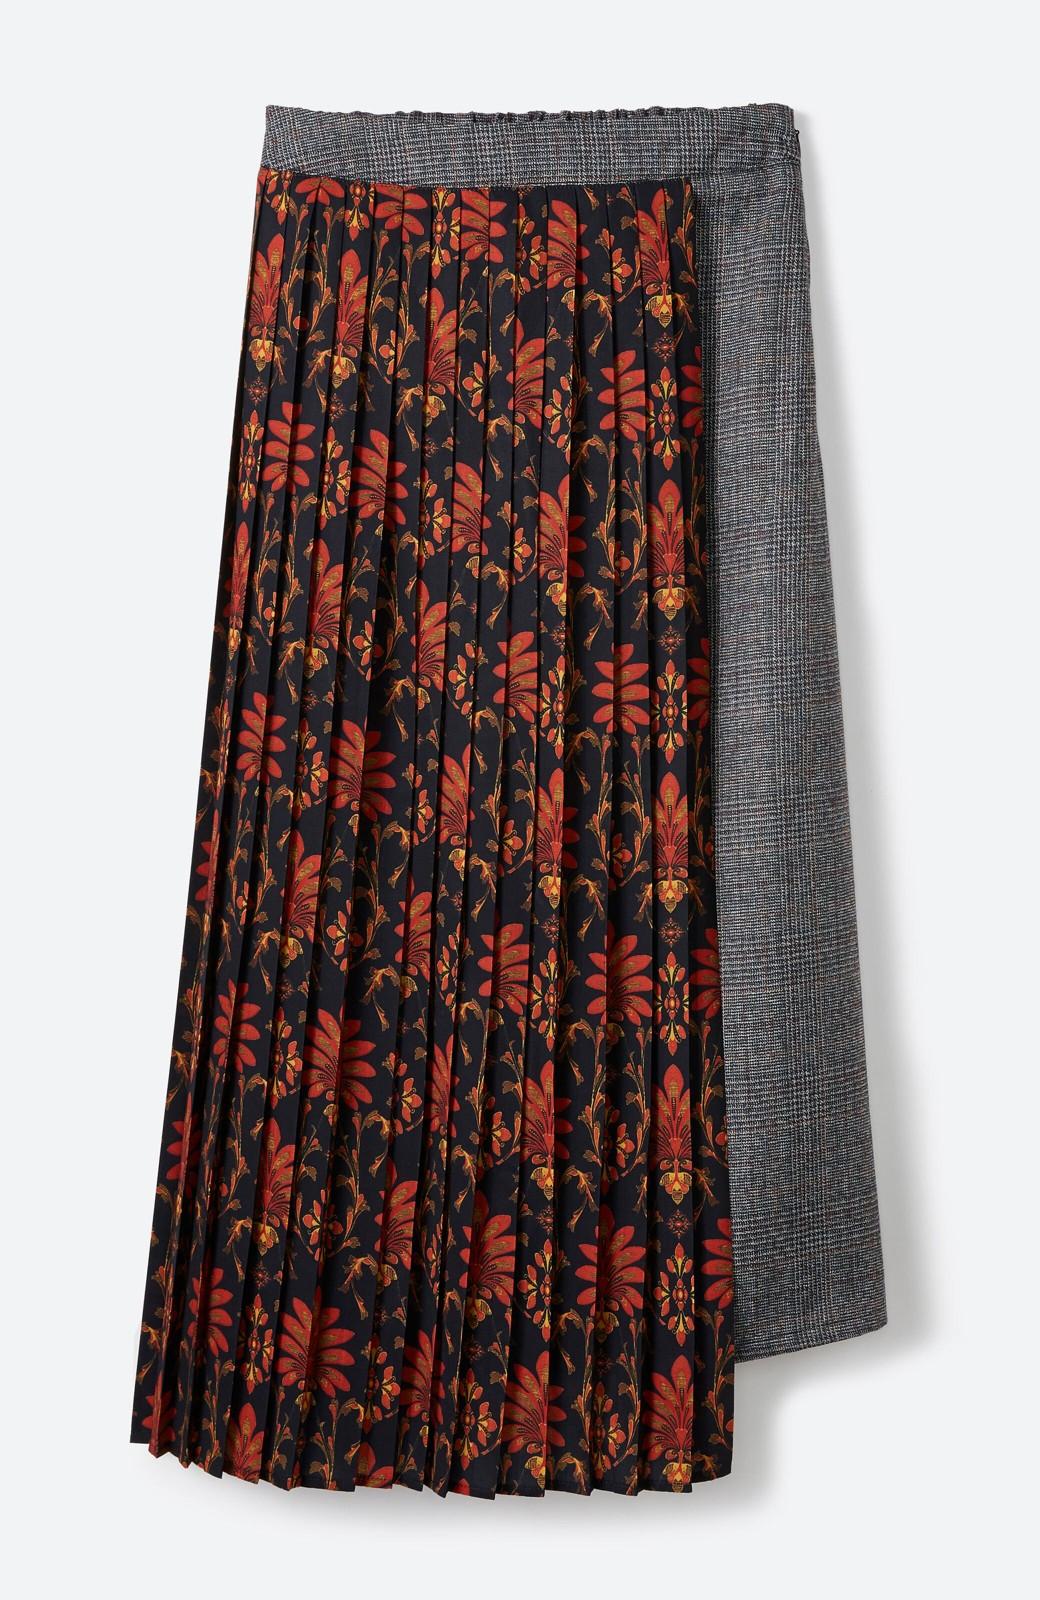 haco! <スザンヌさんコラボ>ラブ&ピースプロジェクト グレンチェック&ダークフラワー柄のアシンメトリースカート <グレー系その他>の商品写真2